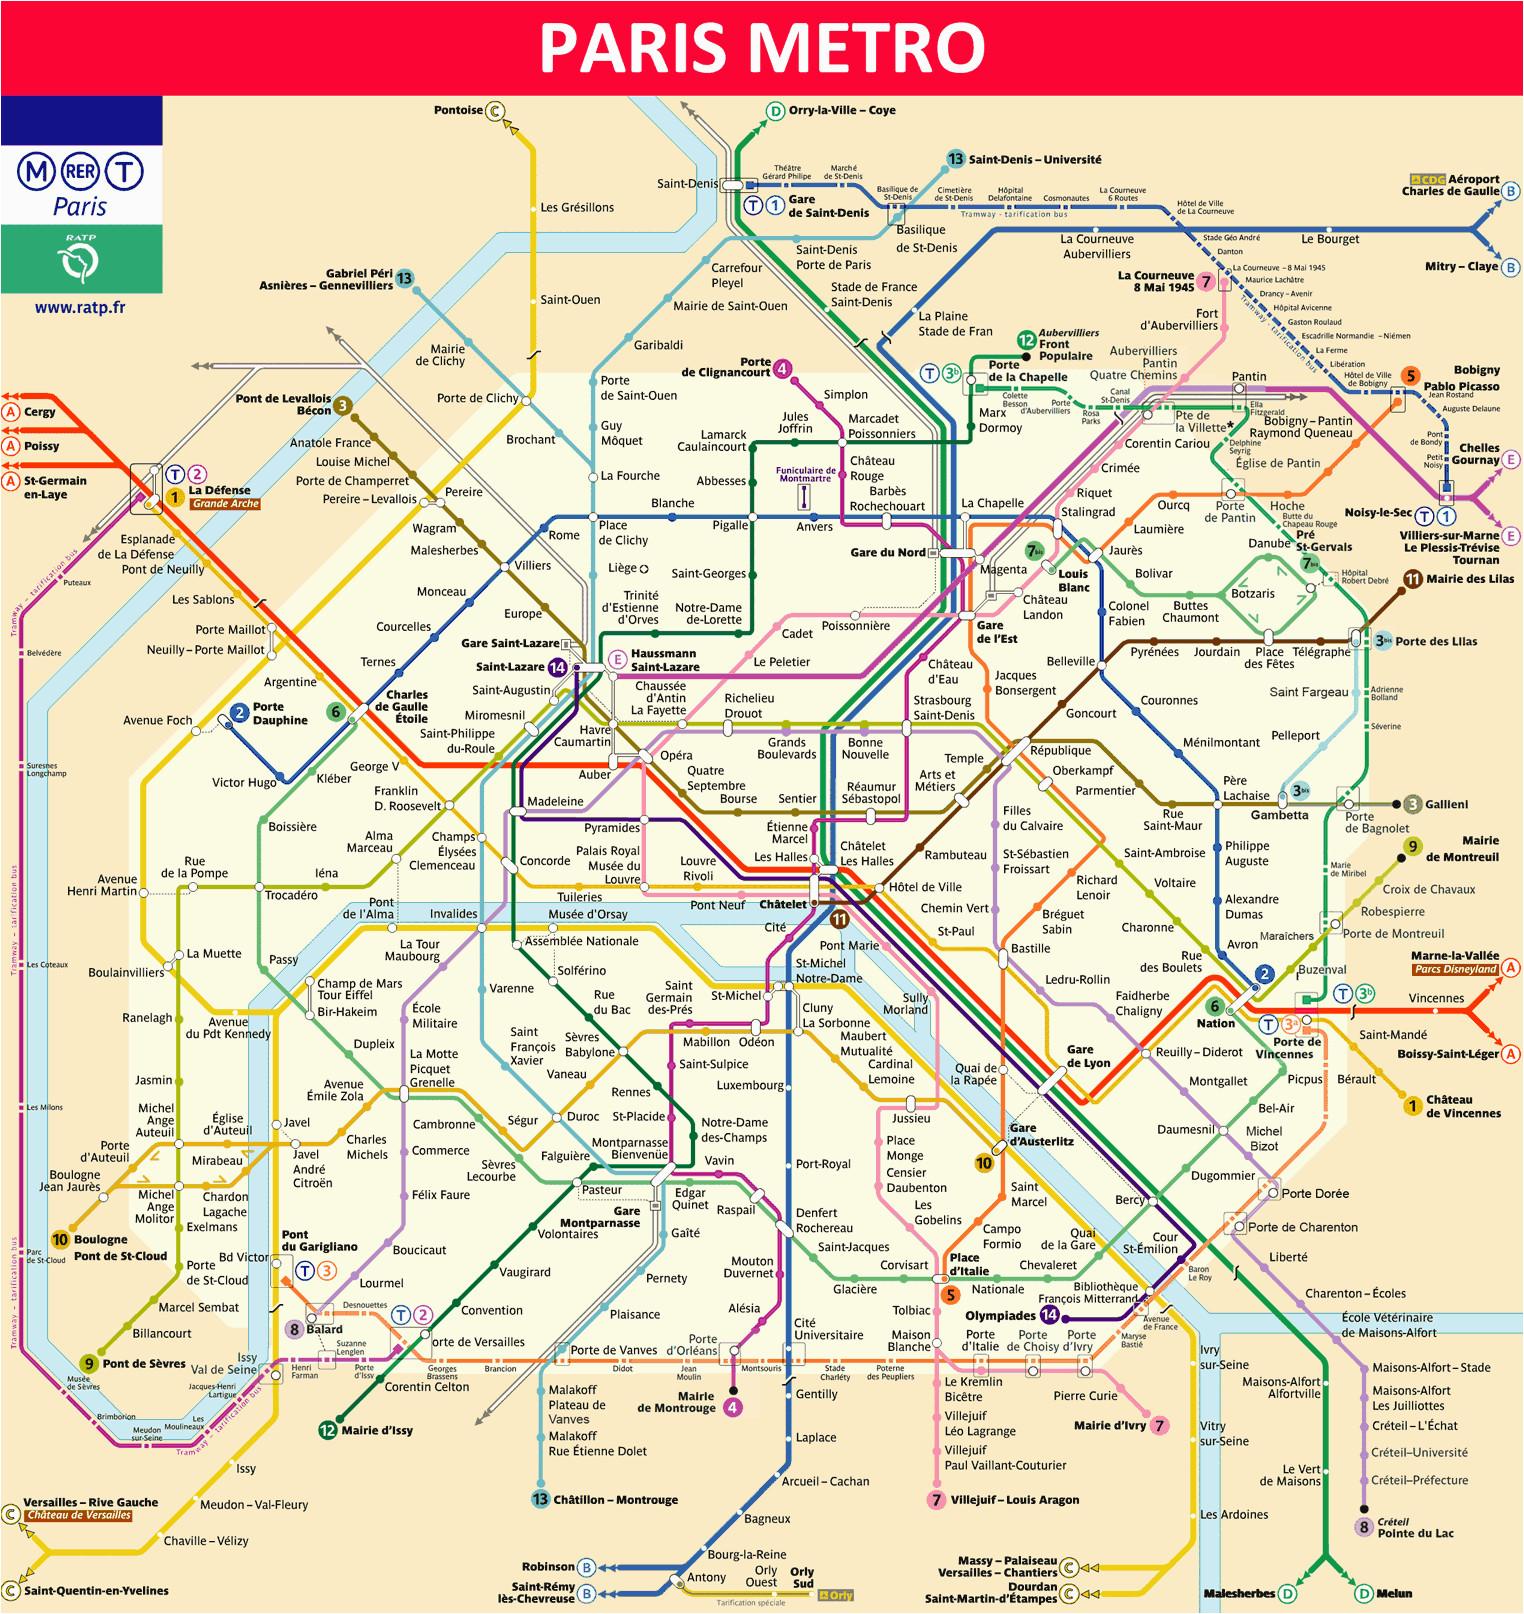 paris metro map 2019 timetable ticket price tourist